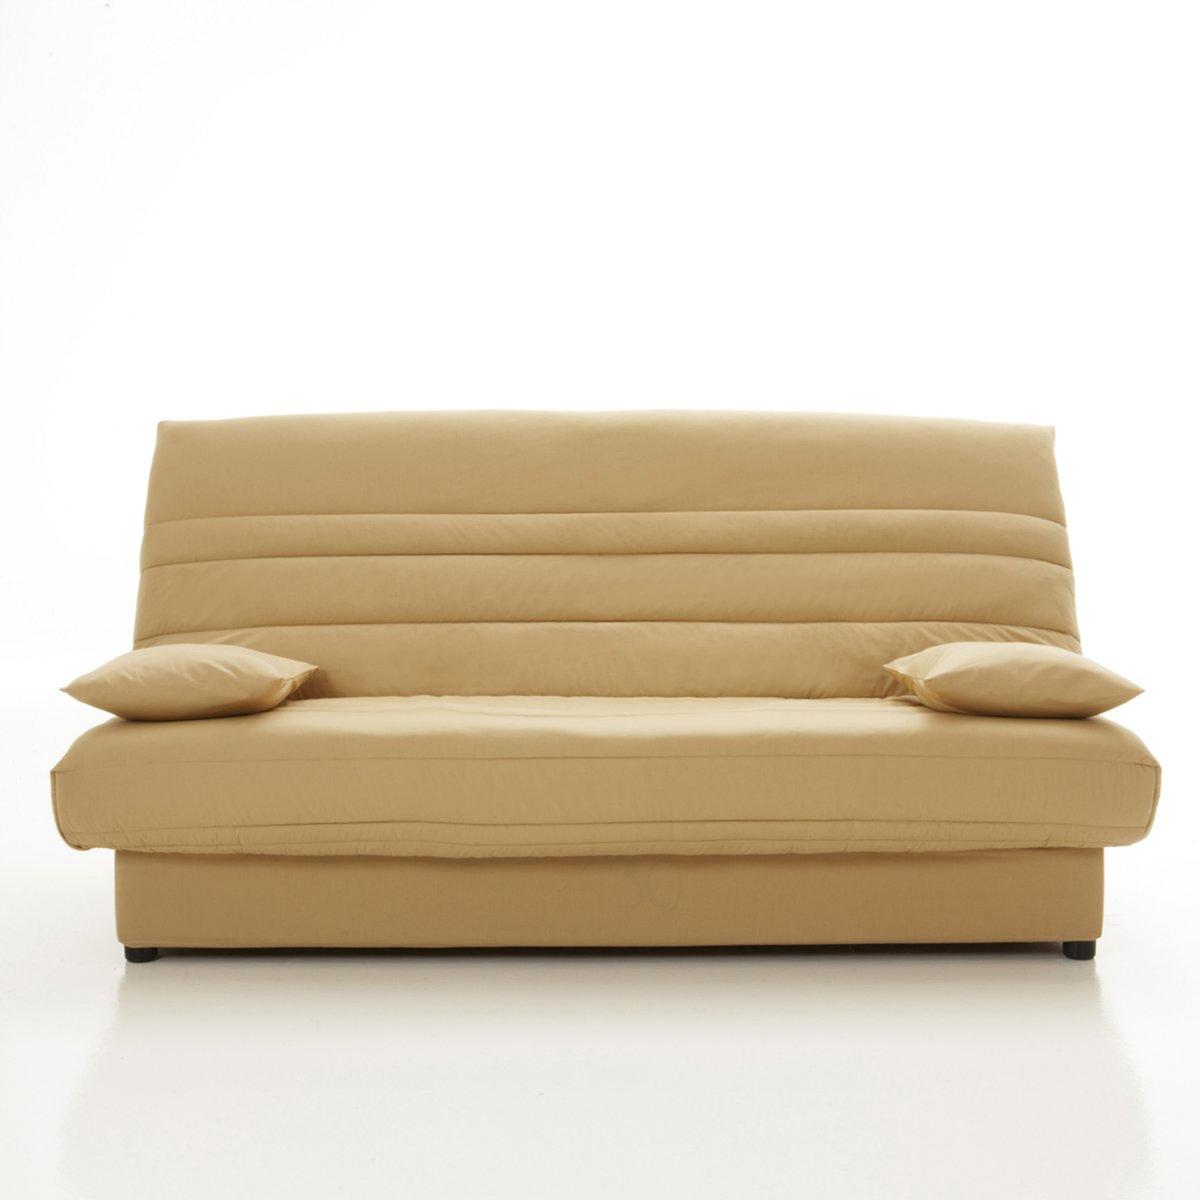 Чехол натяжной для дивана-книжки и складной тумбы, усовершенствованная модель от La Redoute